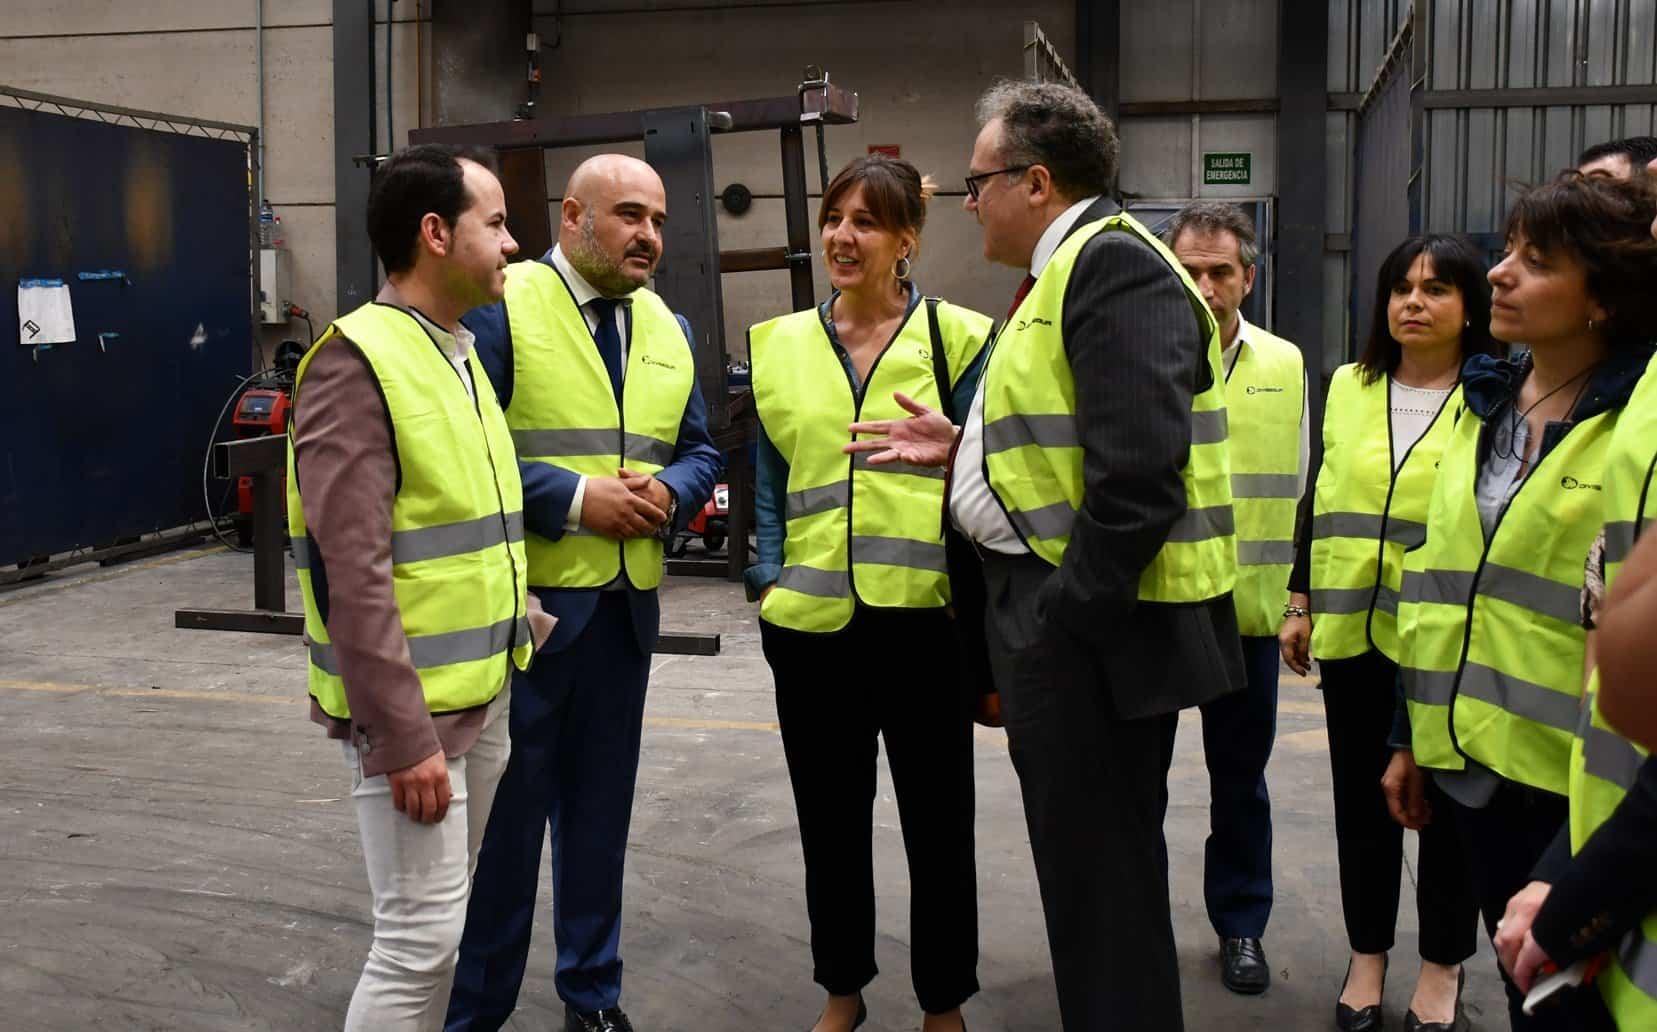 BLANCA  VISITA EMPRESA DE HERENCIA 1 - La diputada electa, Blanca Fernández y Sergio García-Navas visitan Divisegur